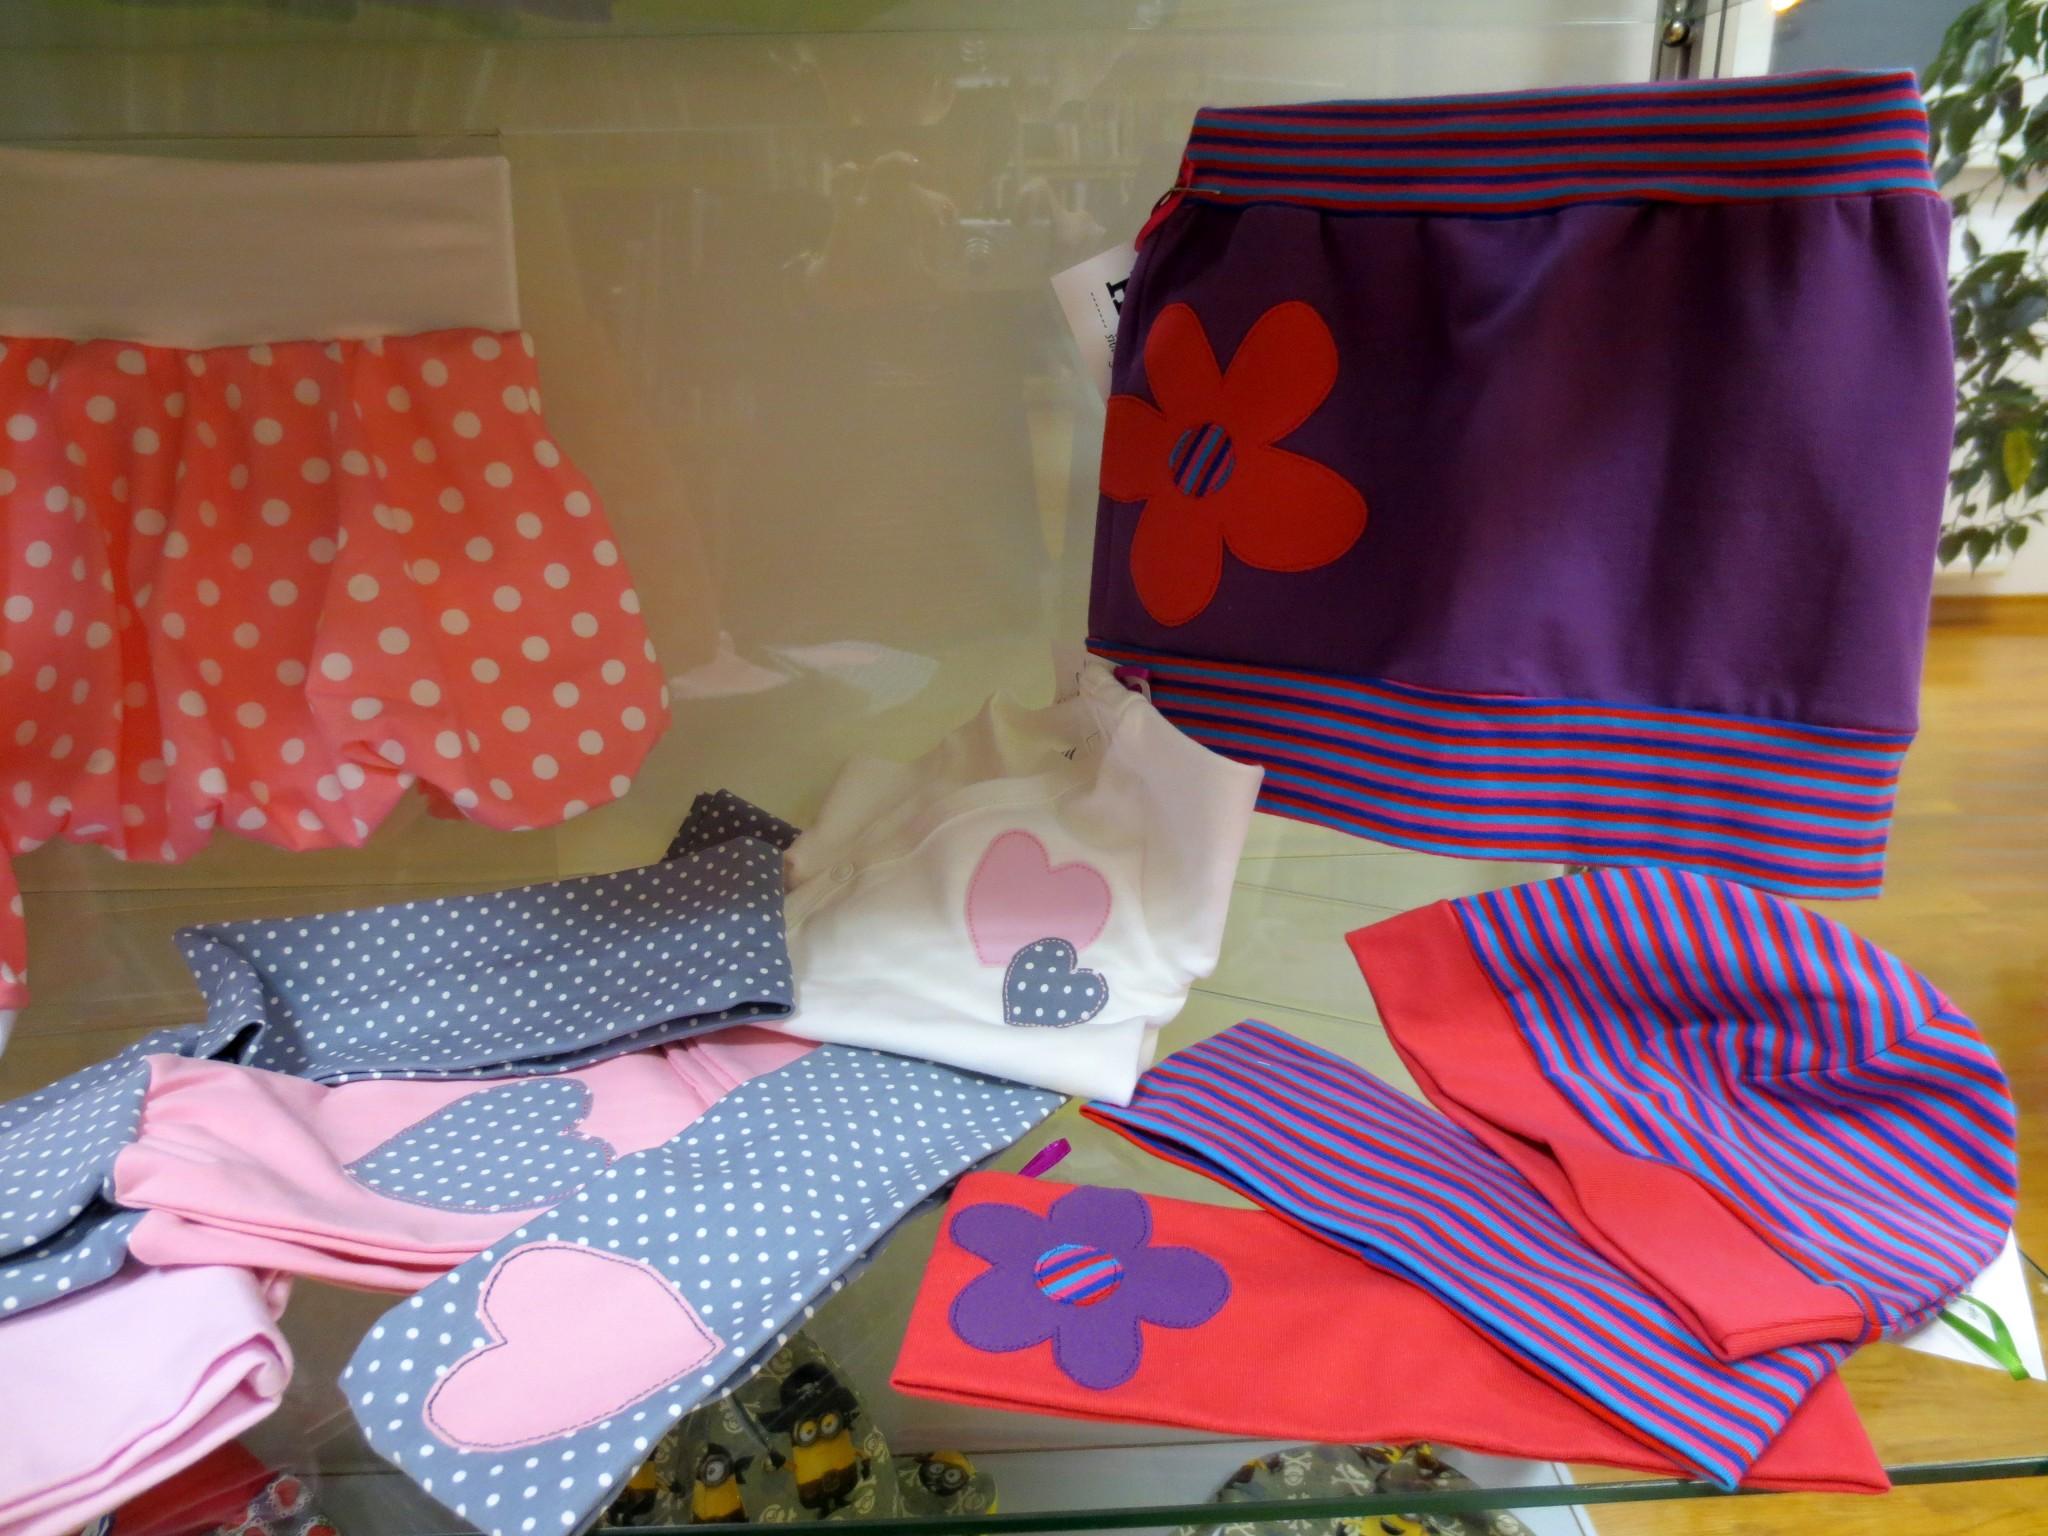 IMG 3089 - Hopka šivarije - razstava otroških oblačil